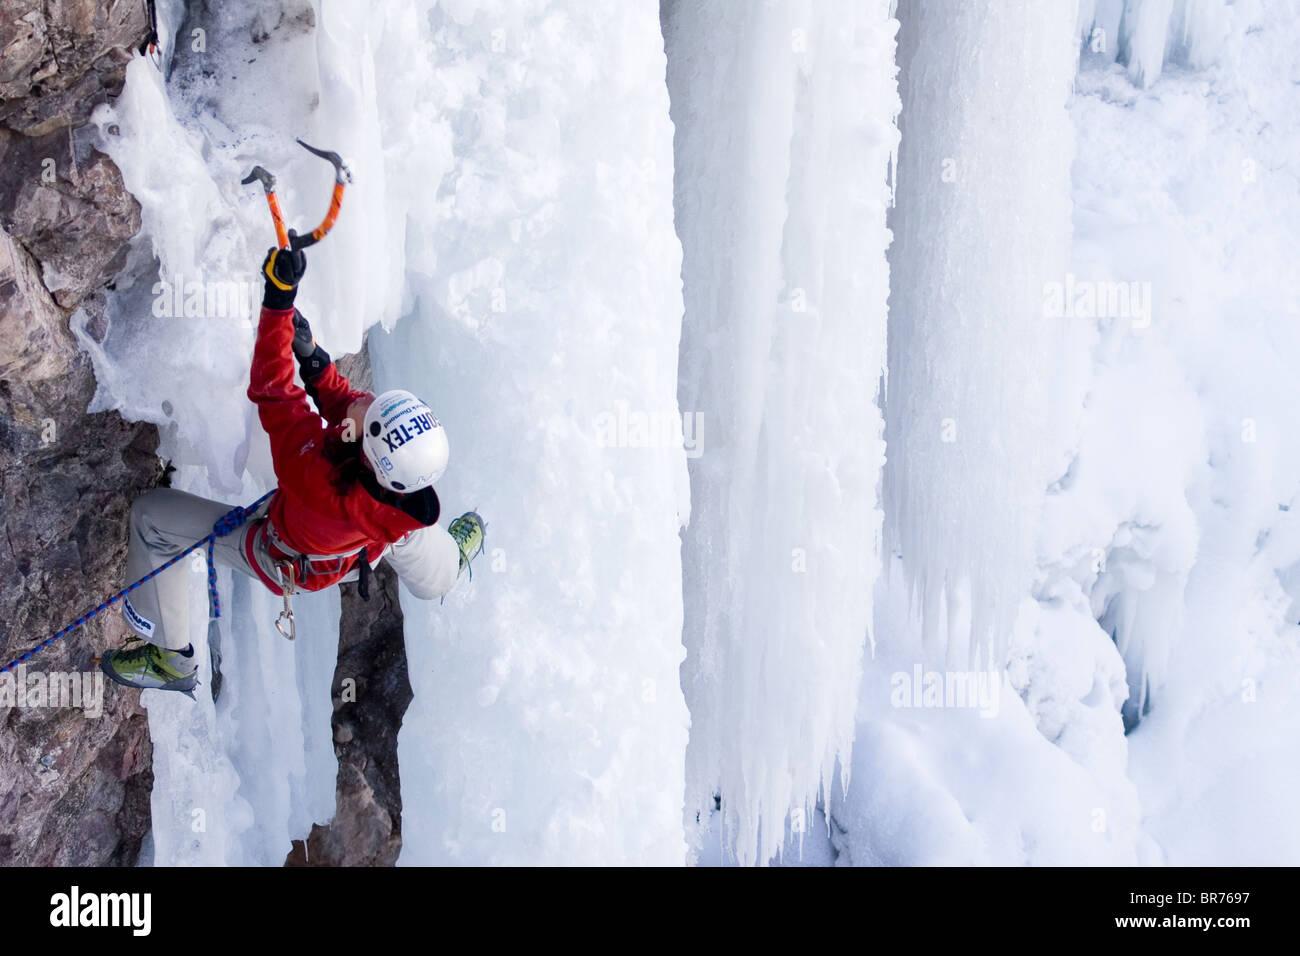 Woman ice climbing Colorado - Stock Image